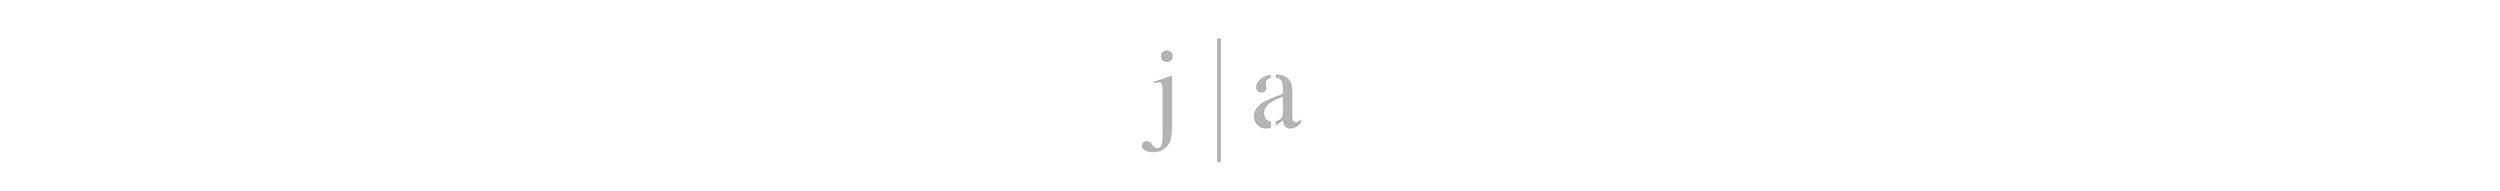 jade allen logo_website footer copy copy copy.jpg